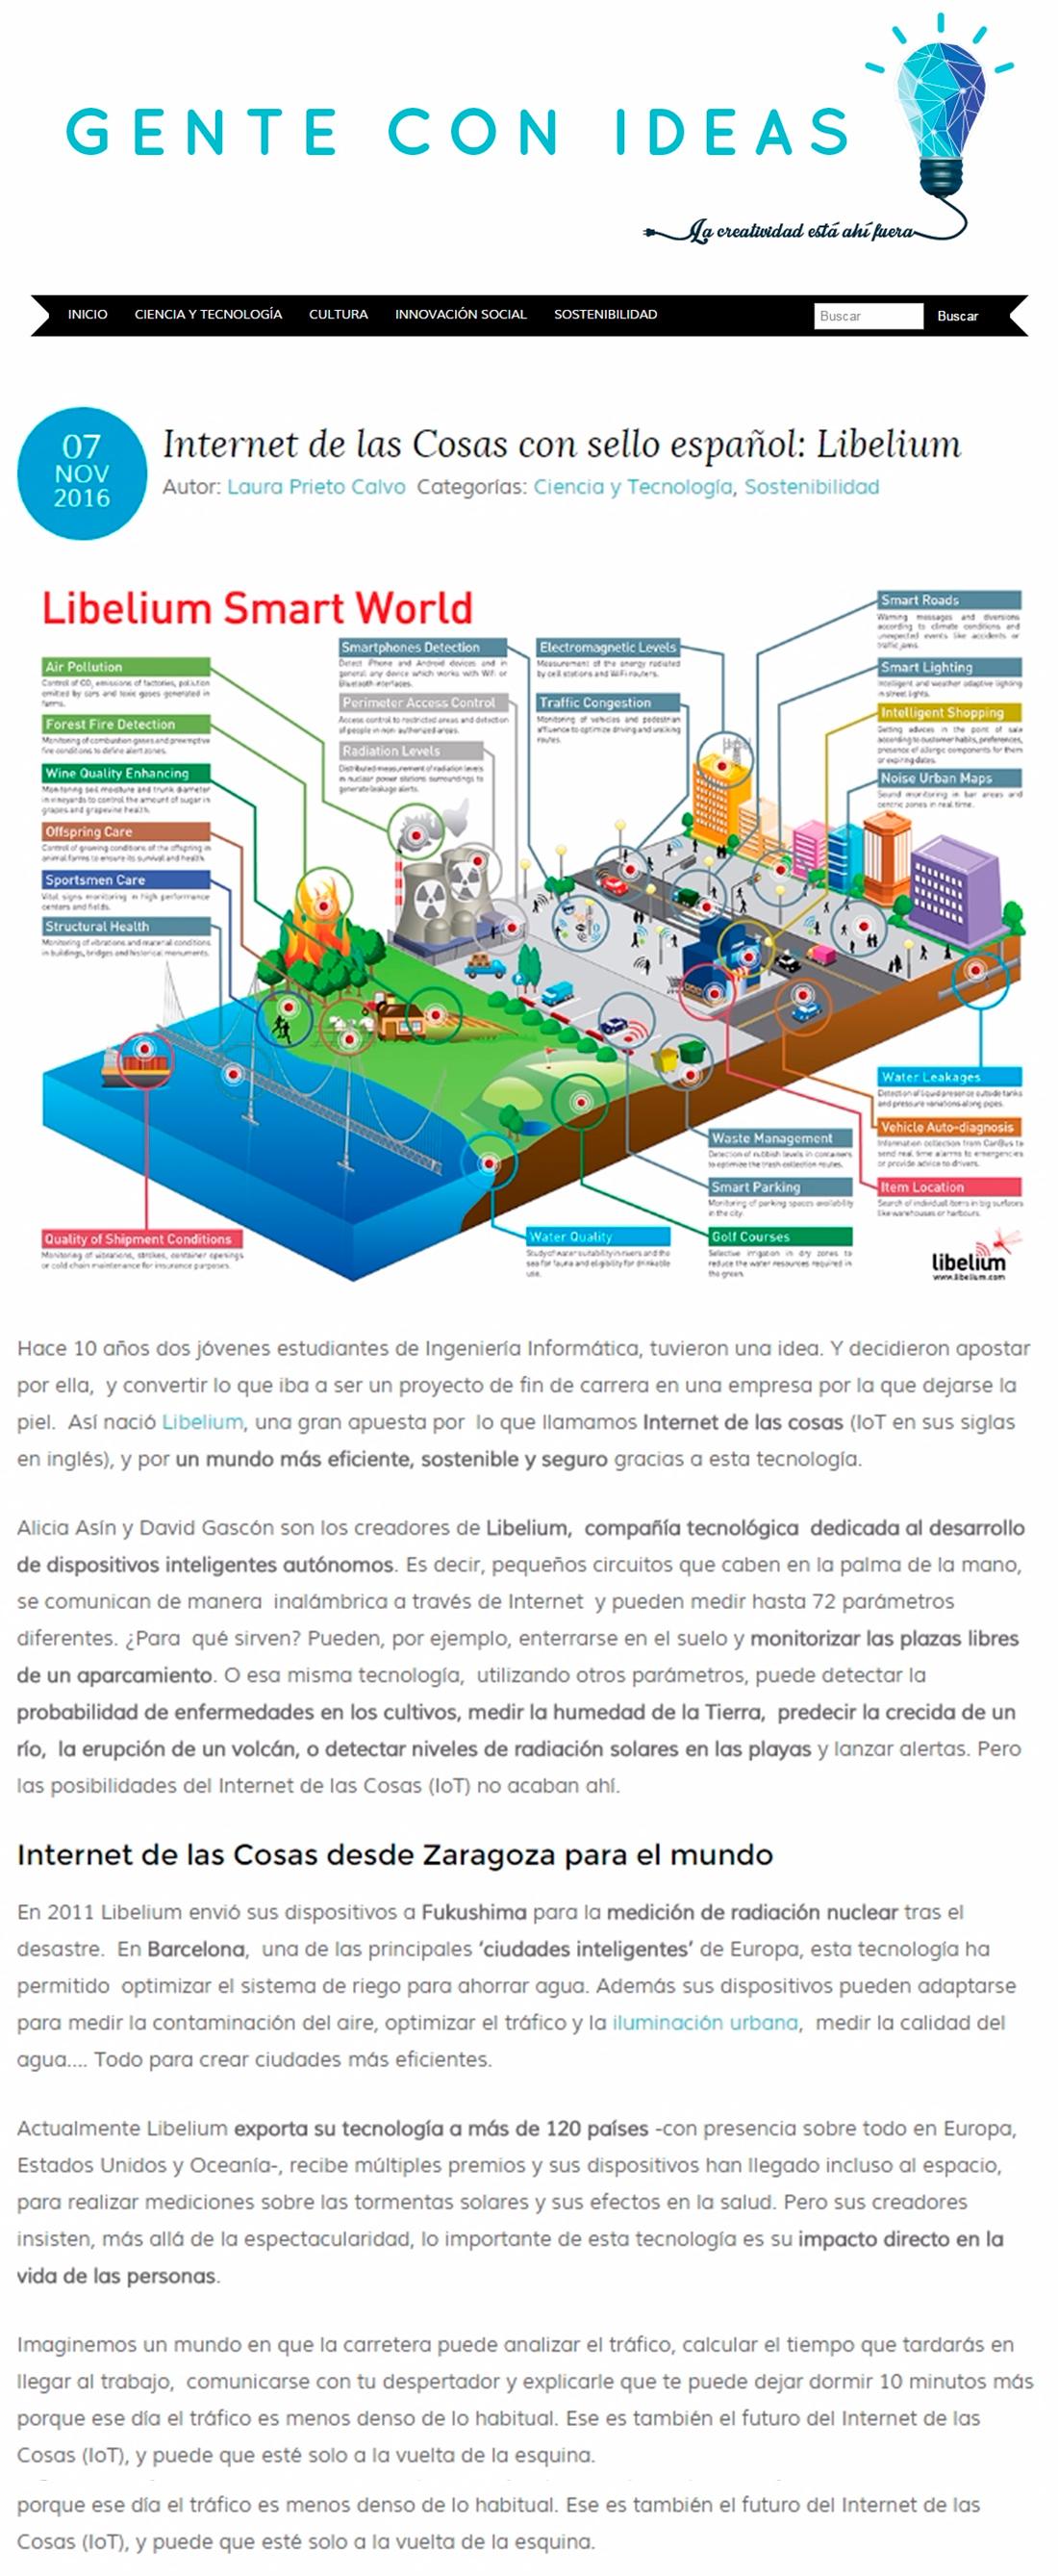 Gente con Ideas – Internet de las Cosas con sello español: Libelium